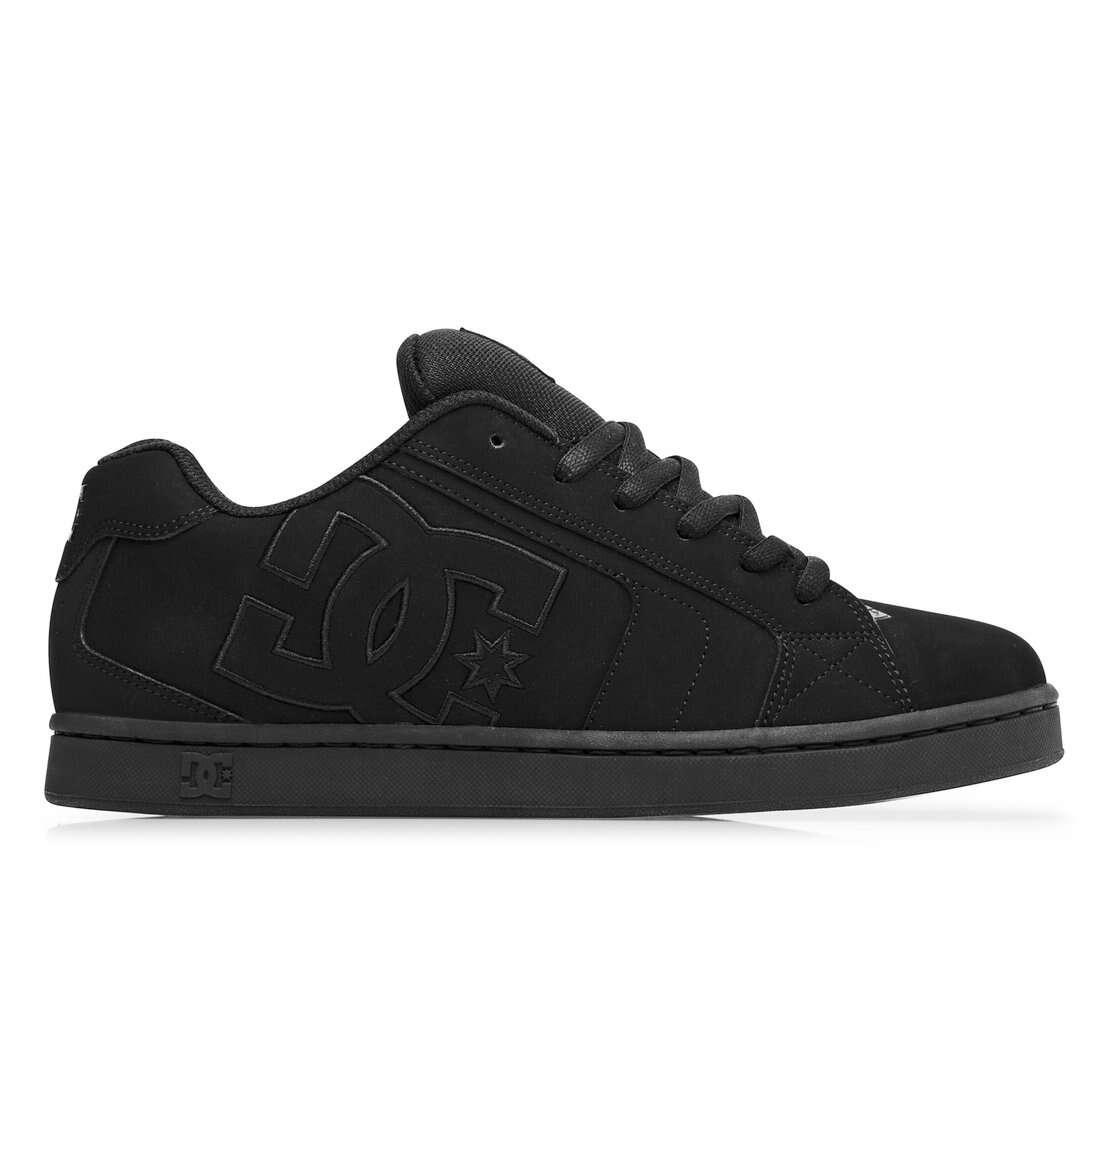 Imagen producto Zapatillas skate DC Shoes Net nuevas 2